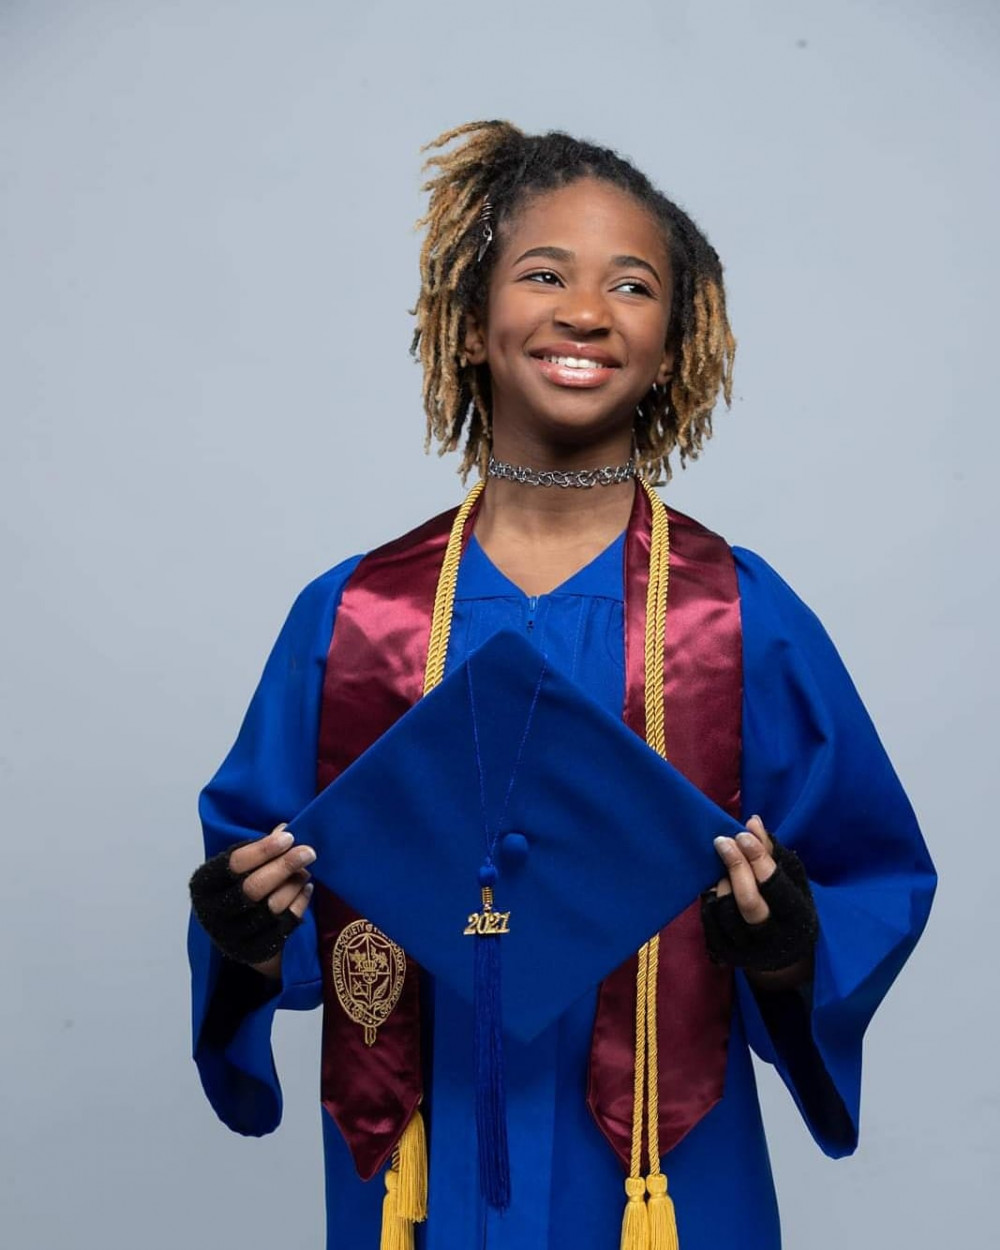 Cô bé Alena Wicker vào đại học khi mới 12 tuổi